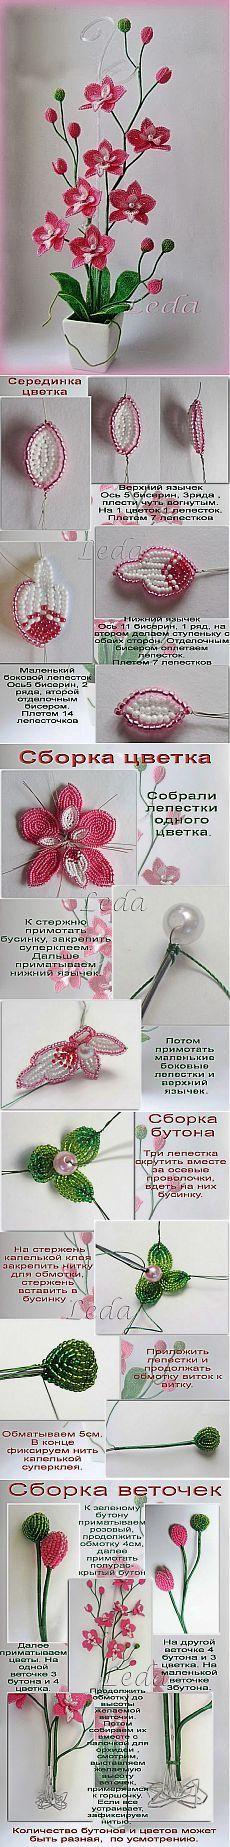 Как плести орхидею из бисера. Пошаговое плетение орхидеи из бисера | Laboratory household